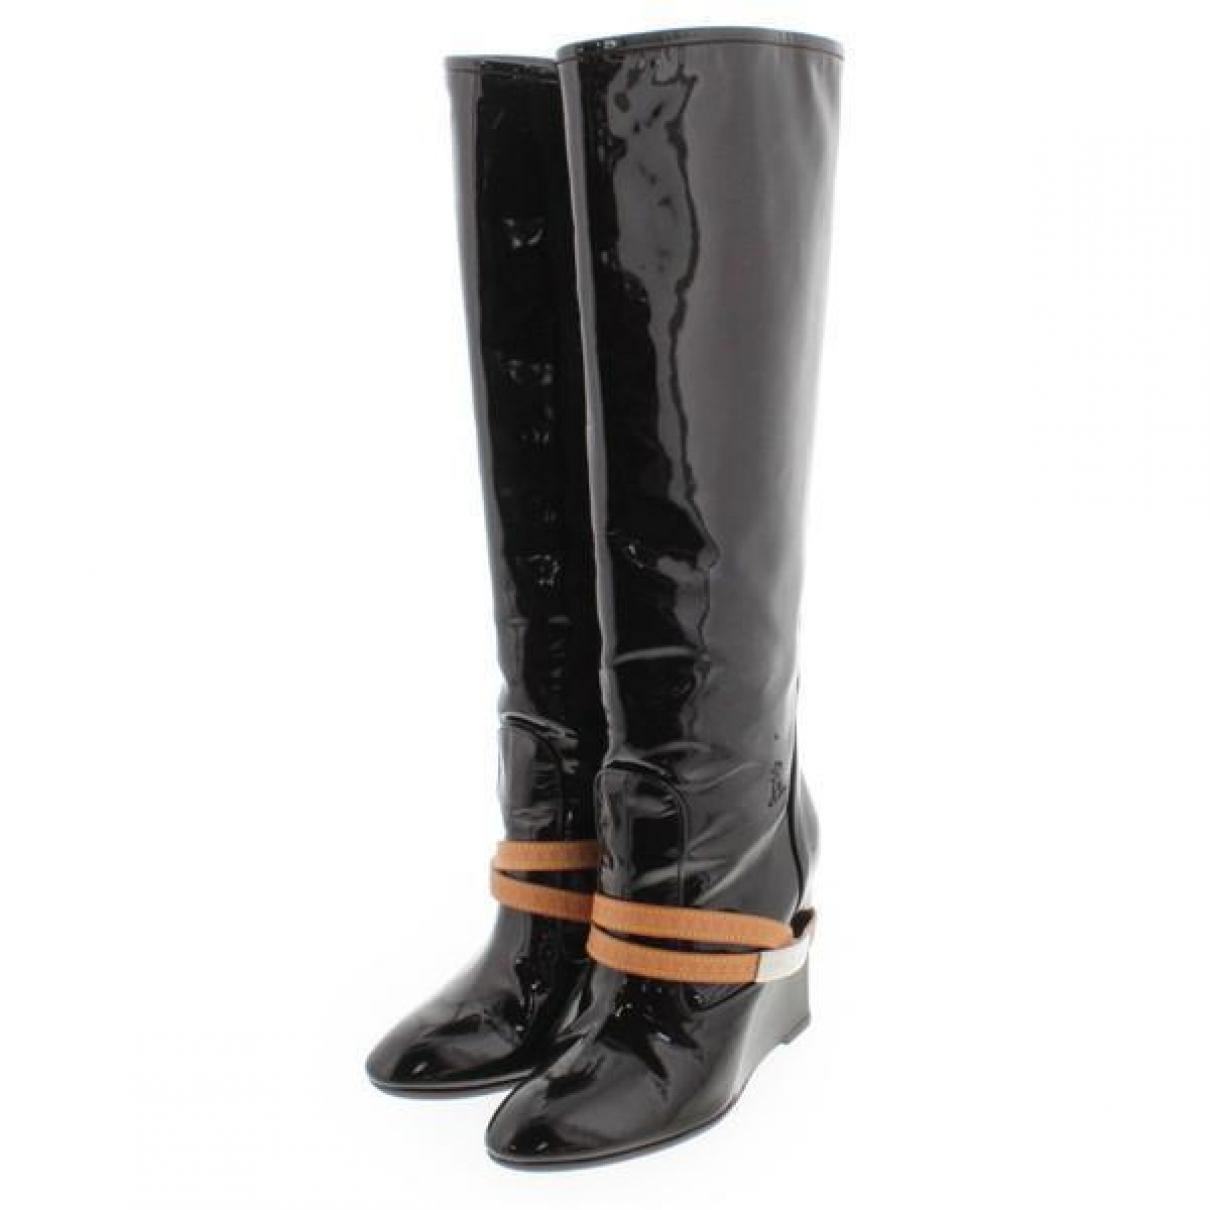 Louis Vuitton - Bottes   pour femme en cuir verni - marron